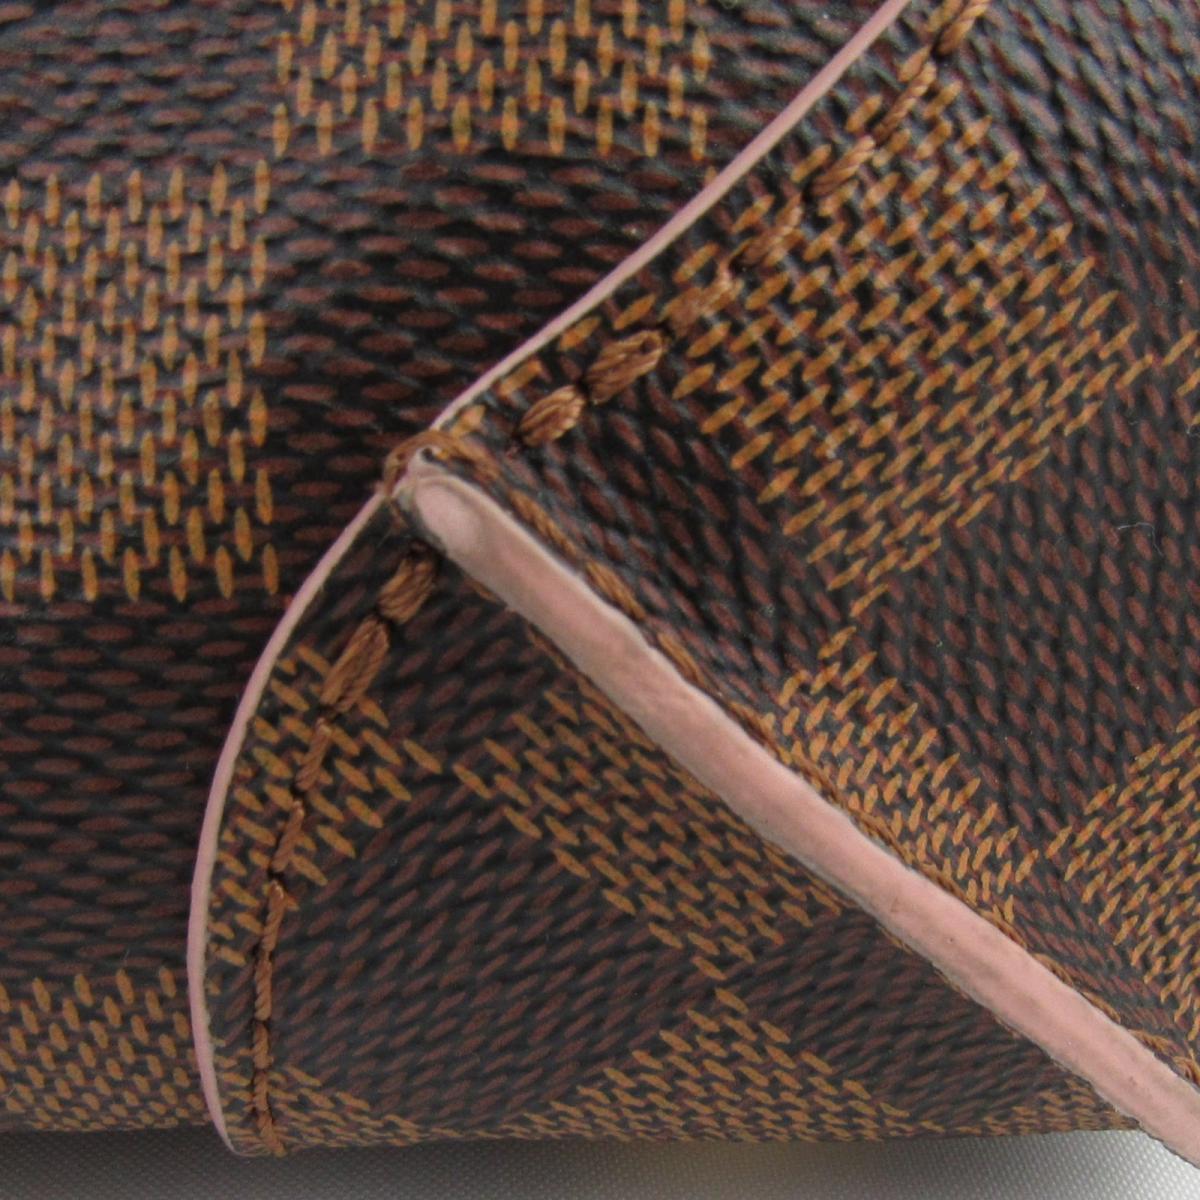 ルイヴィトン カイサトートPM 2WAY トートバッグ レディース ダミエN41554LOUIS VUITTON ヴィトン ビトン ルイ・ヴィトン 肩がけ トート トートバック バッグ バック BAG カバン 鞄 ブランドバッグ ブランドバック 美品 ブランドオフ0N8nwvm